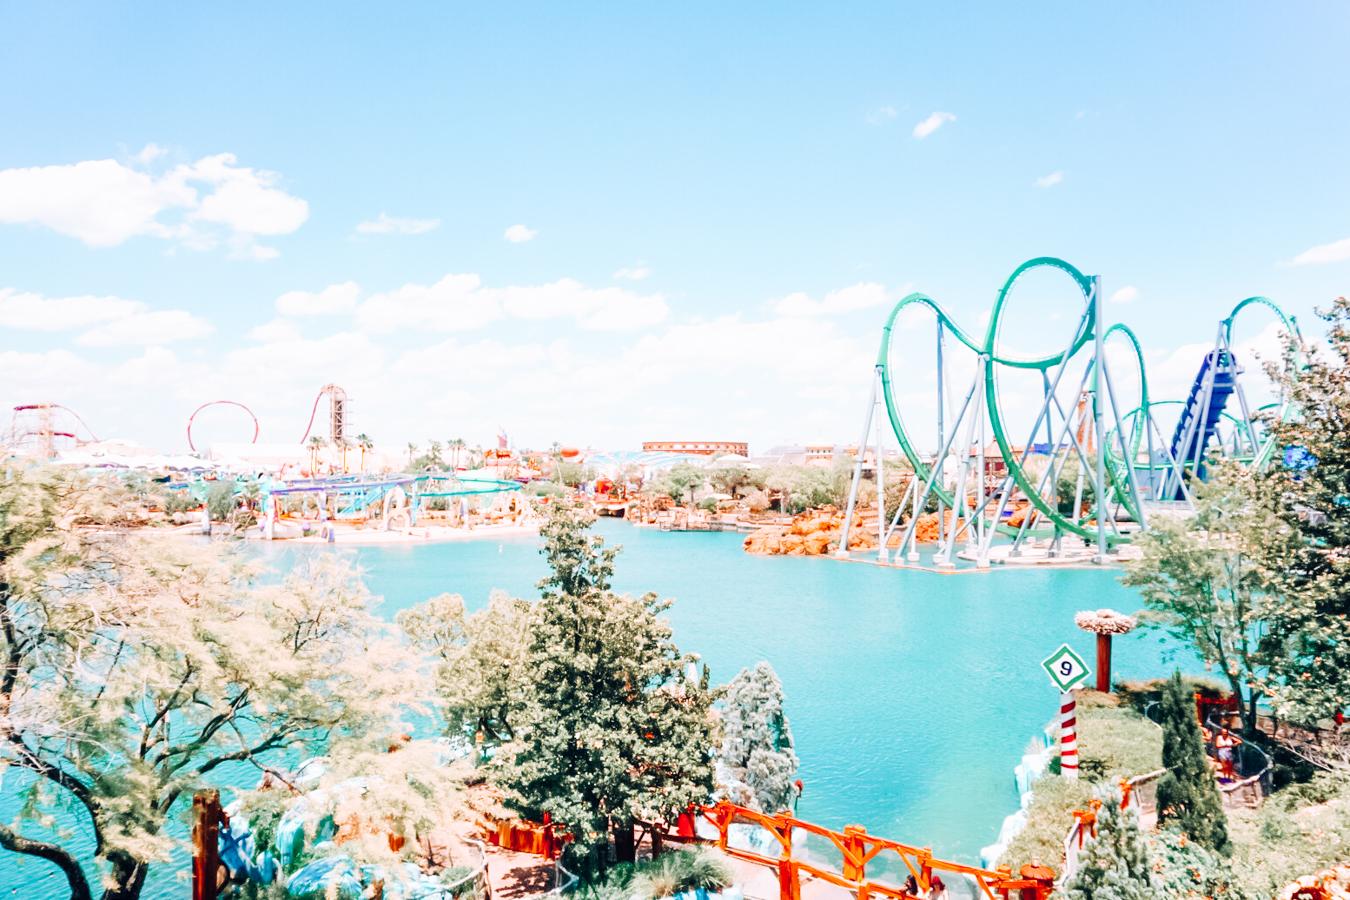 Amusement Park in Orlando